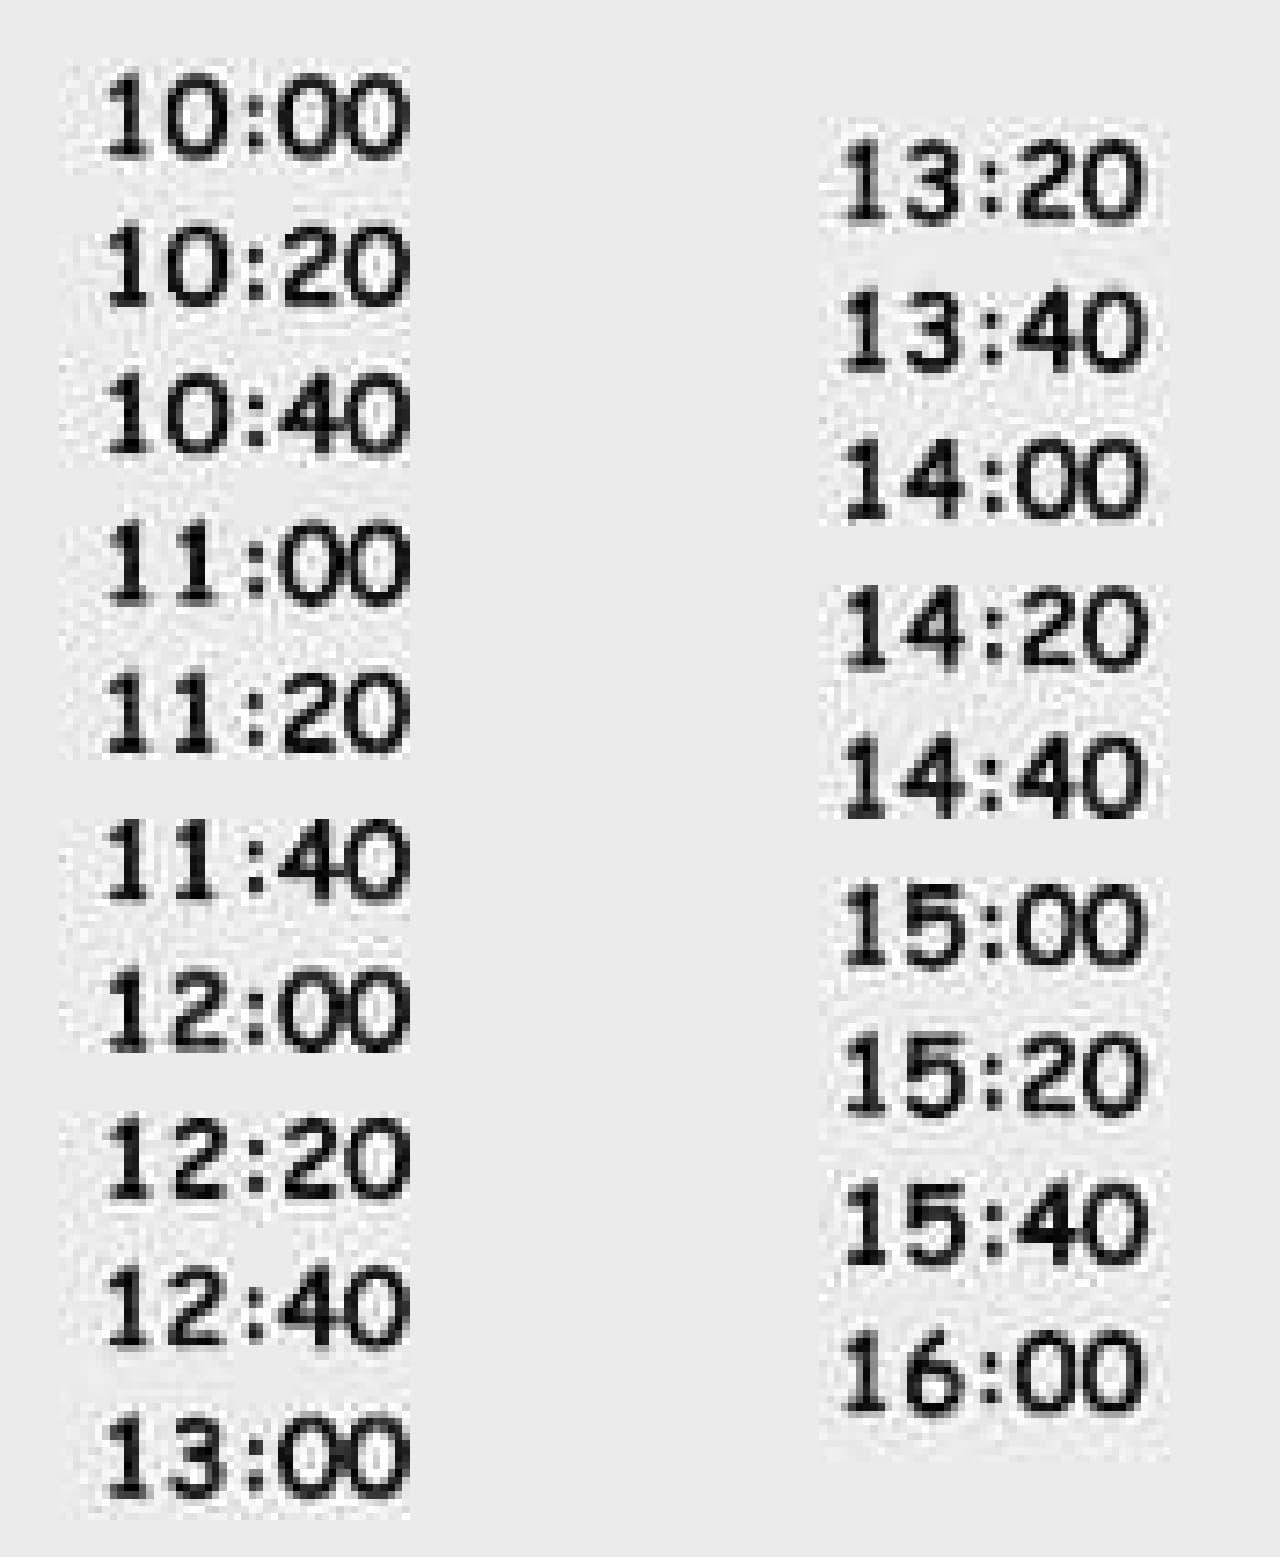 表示可能な時刻リスト  田舎の電車の時刻表みたい?